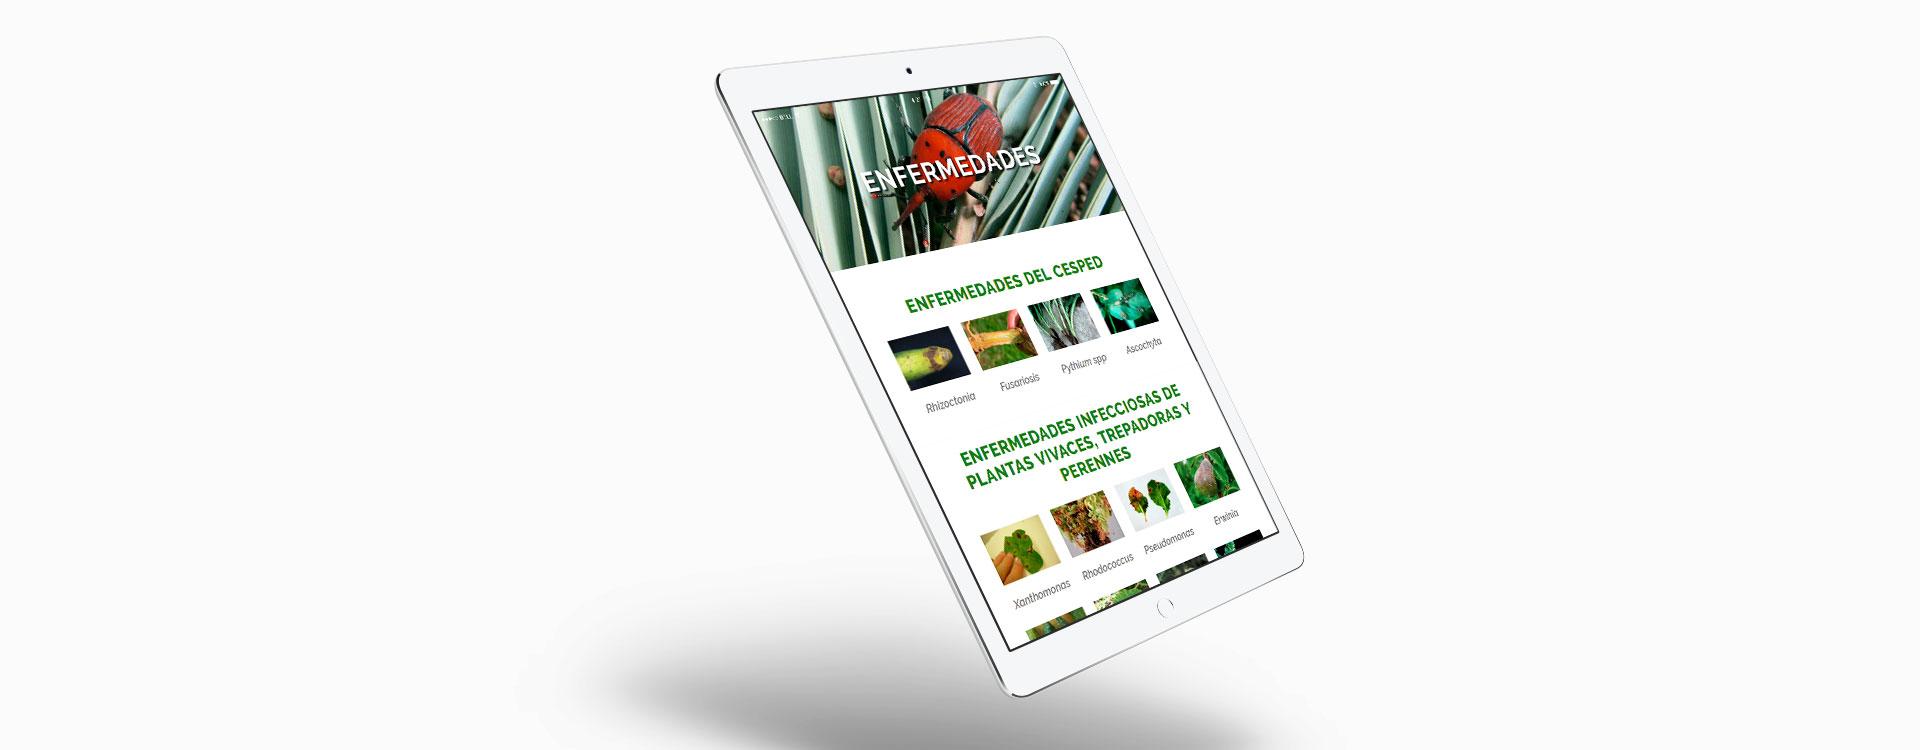 Diseño web lucaplant